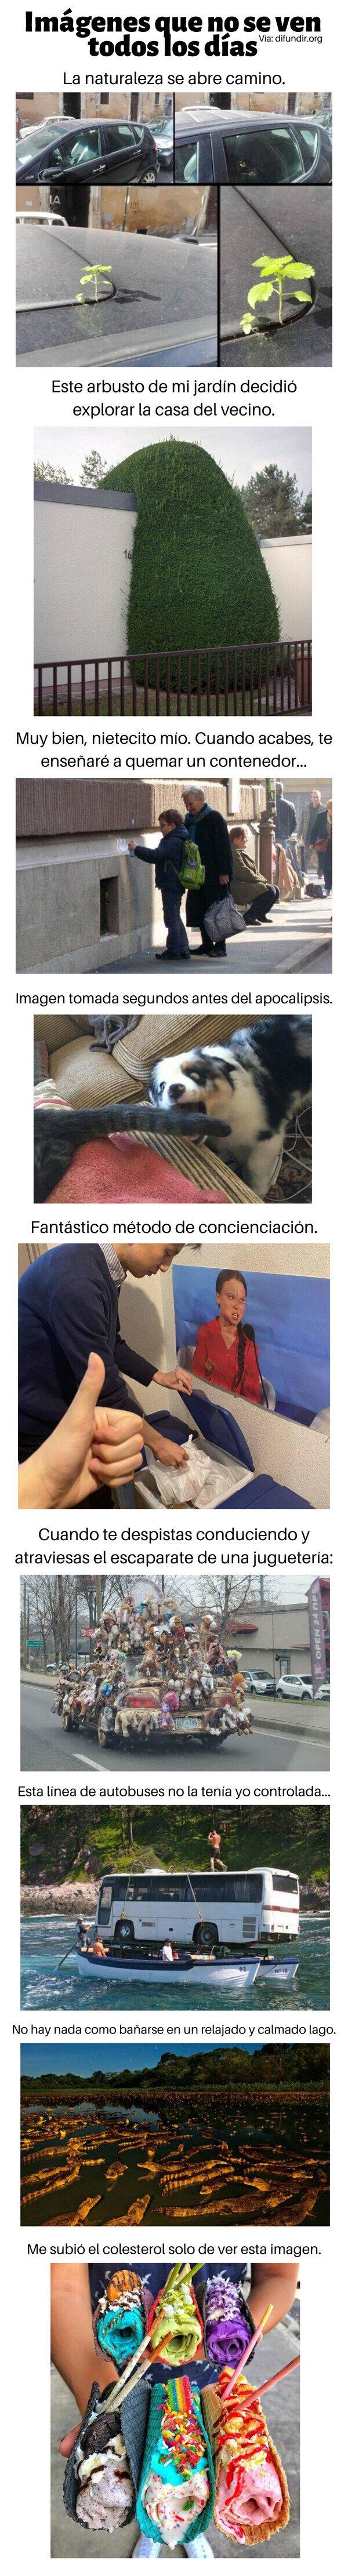 Meme_otros - Imágenes que no se ven todos los días